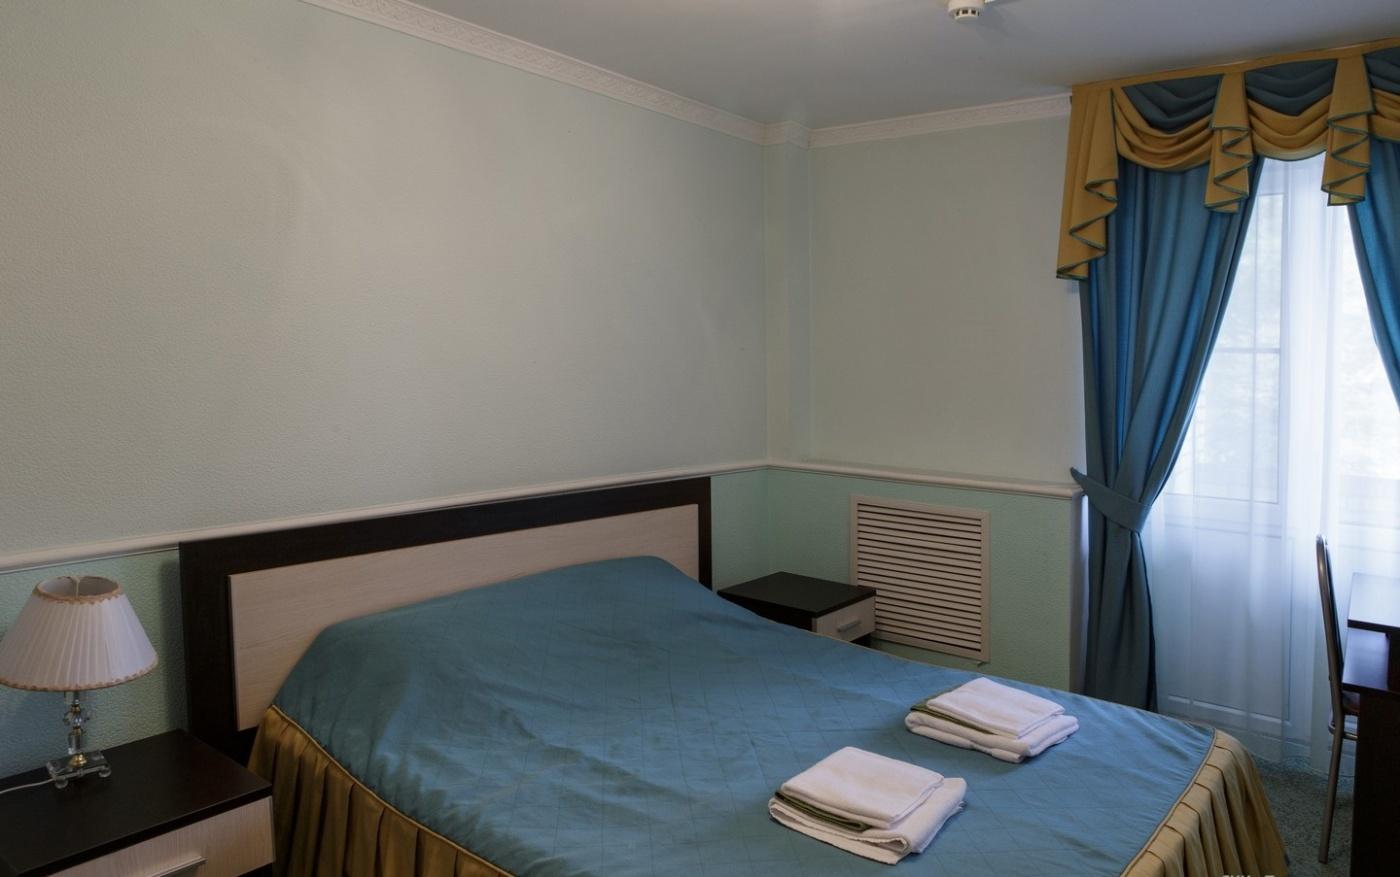 База отдыха «Боровое» Московская область 2-местный 2-комнатный номер повышенной комфортности, фото 1